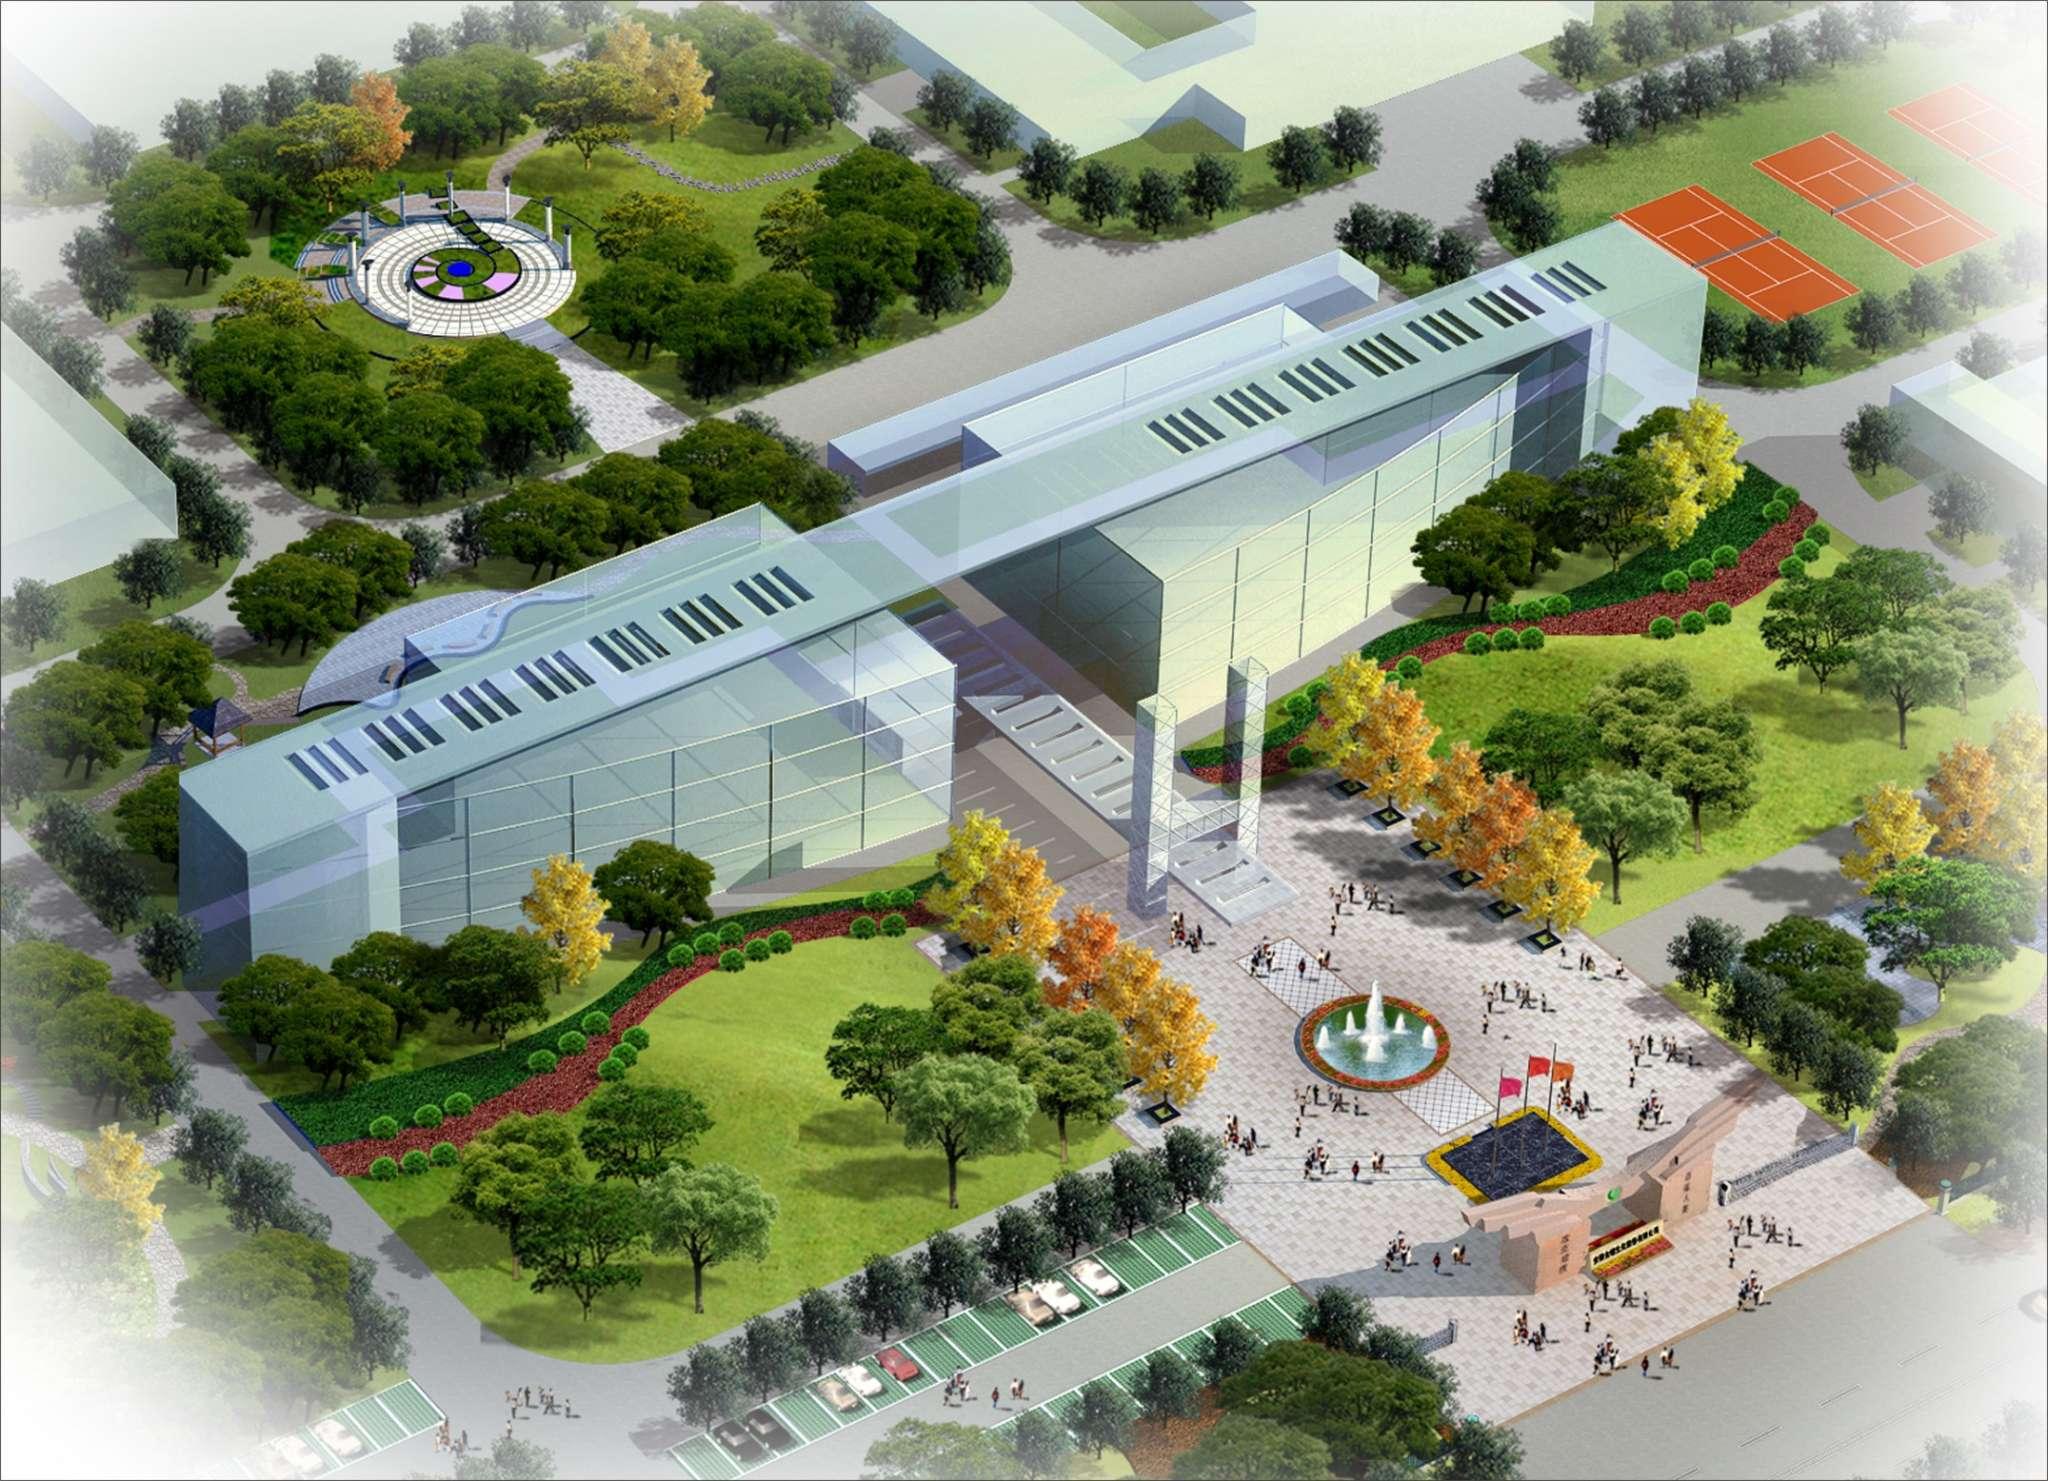 建筑设计,建筑规划设计,小区住宅景观规划设计,道路,.